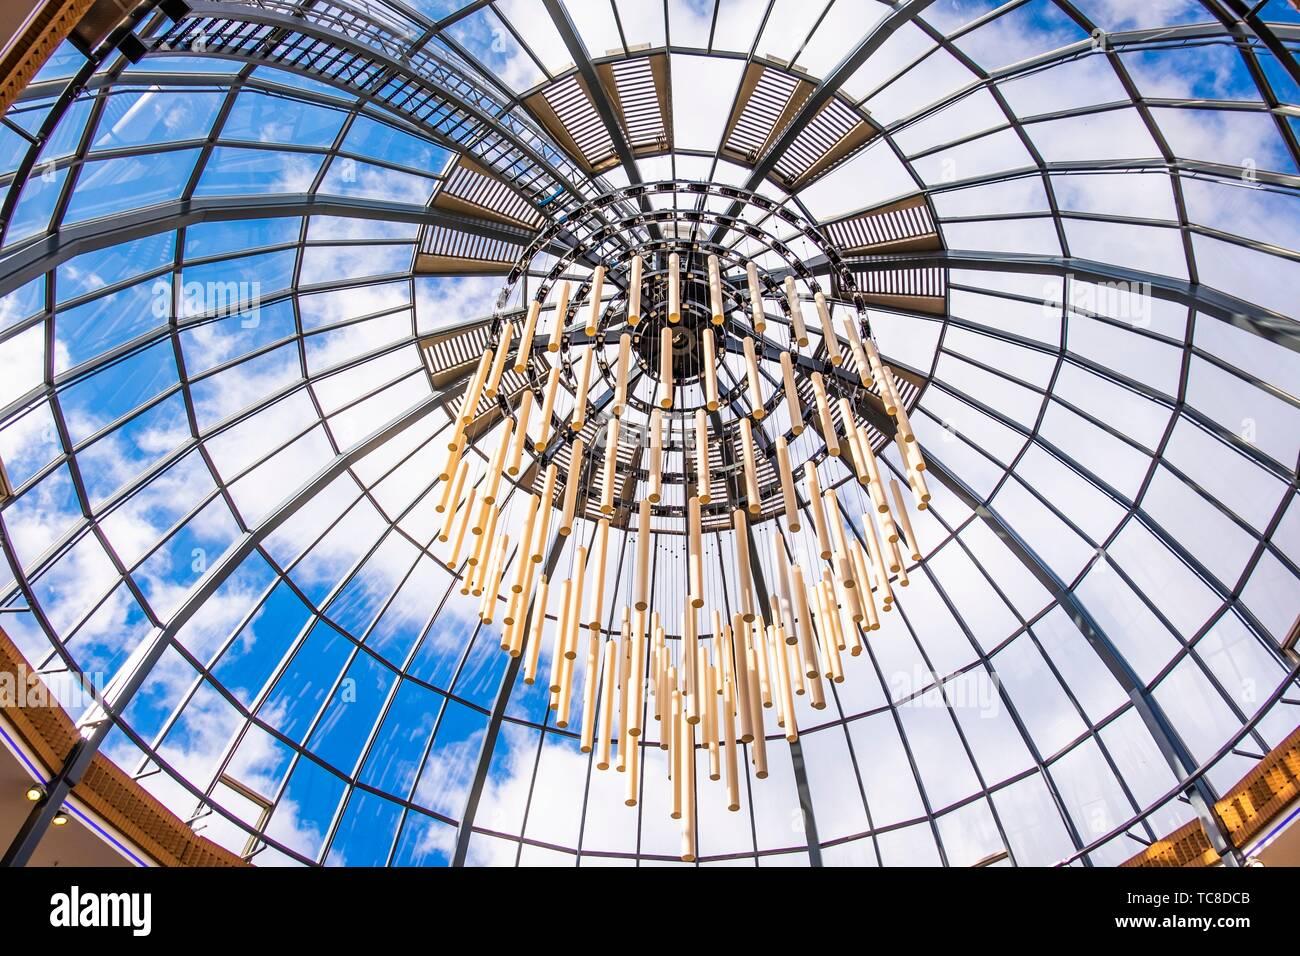 Techo de cristal con iluminación monumental en Eindhoven, Países Bajos, Europa. Foto de stock